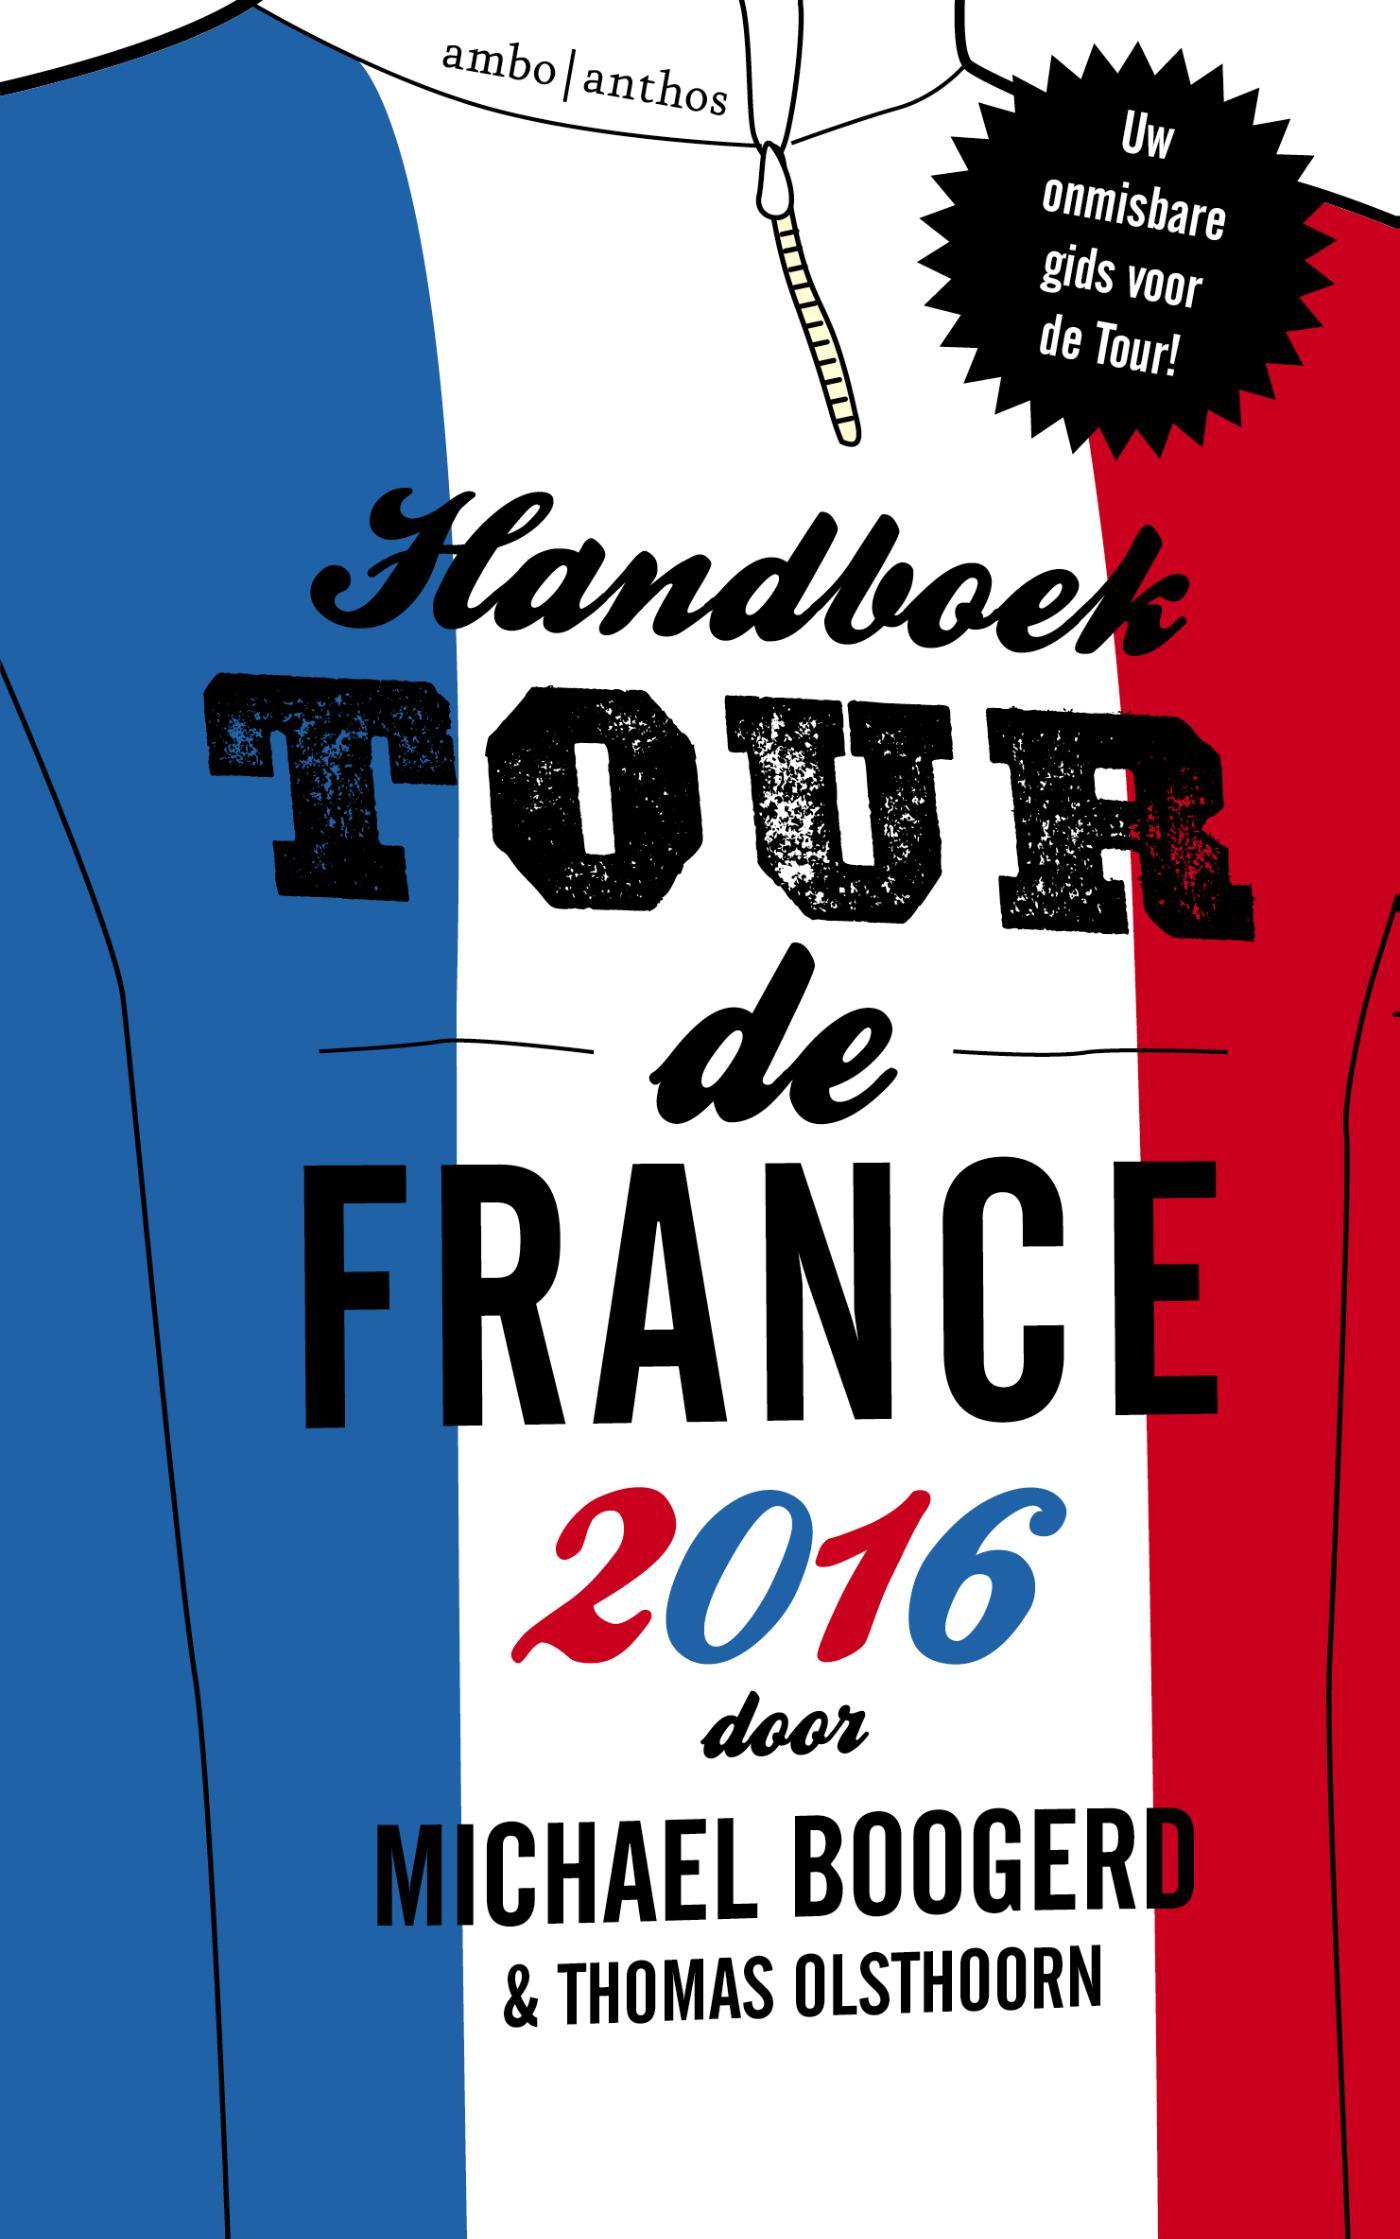 Handboek Tour de France 2016 9789026335341 Michael Boogerd en Thomas Olsthoorn Ambo, Anthos   Fietsgidsen Frankrijk